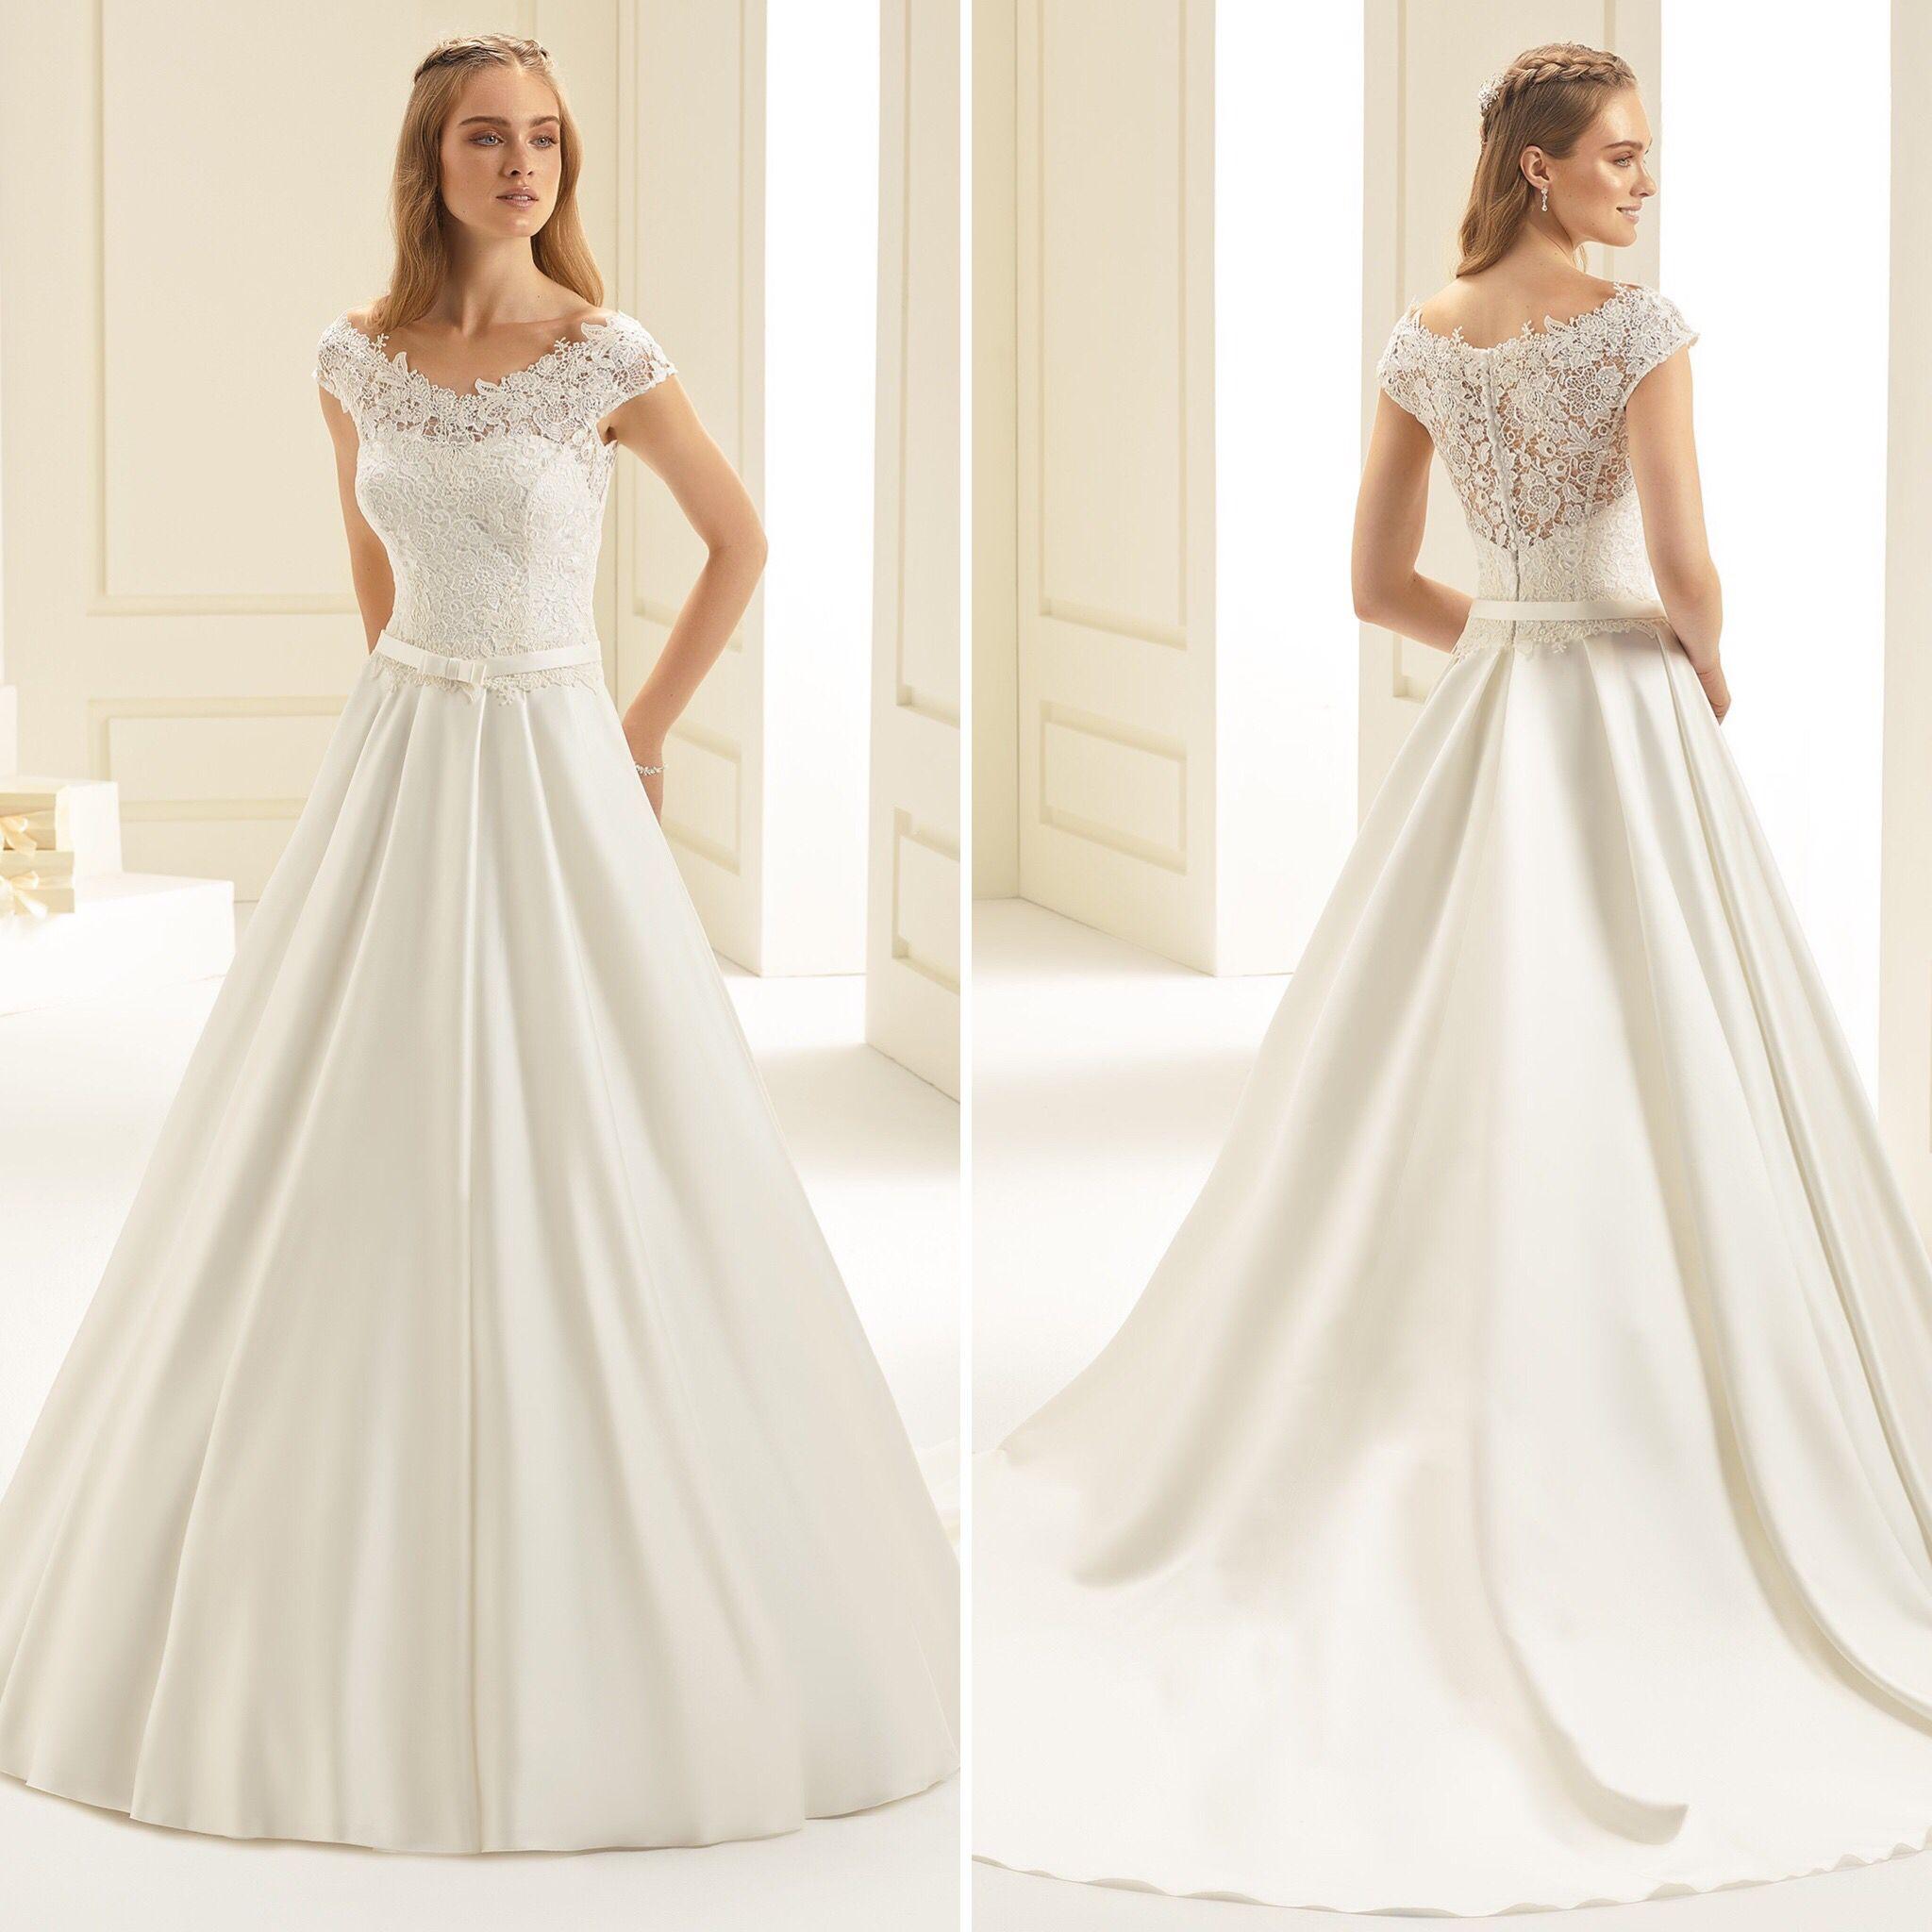 Brautkleid Amelia  BELLA SPOSA  Kleider hochzeit, Kleid hochzeit